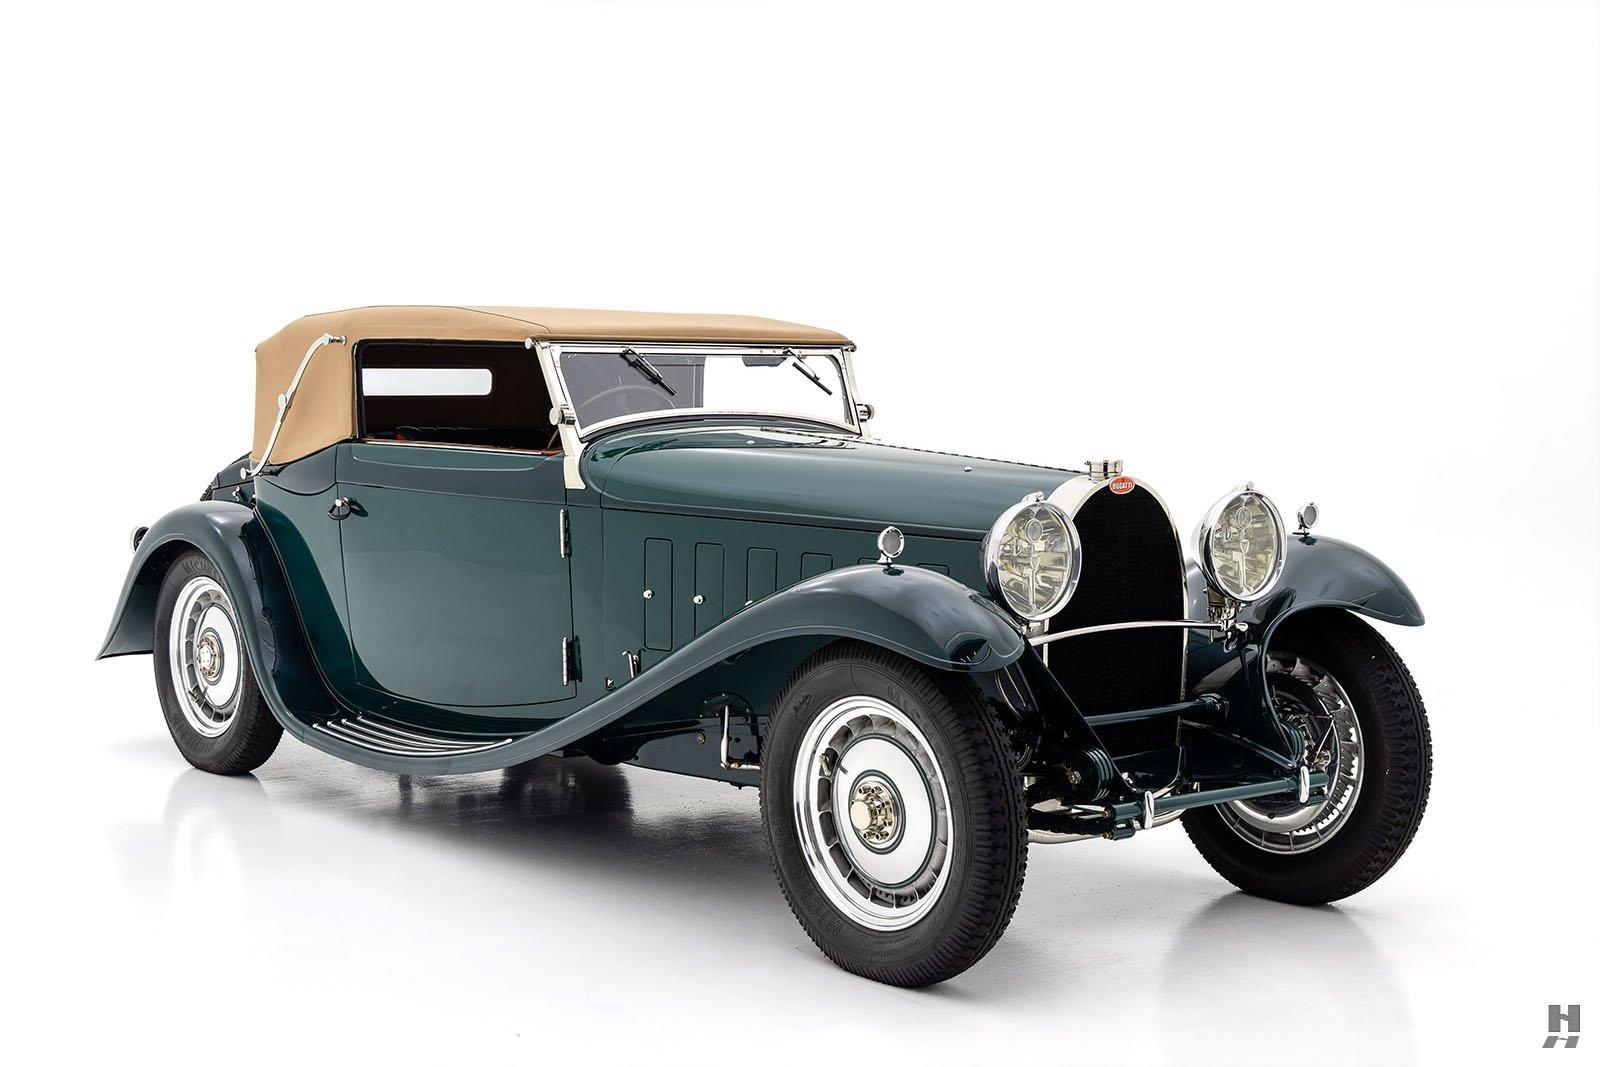 1929 Bugatti Type 46 Cabriolet For Sale | Hyman LTD